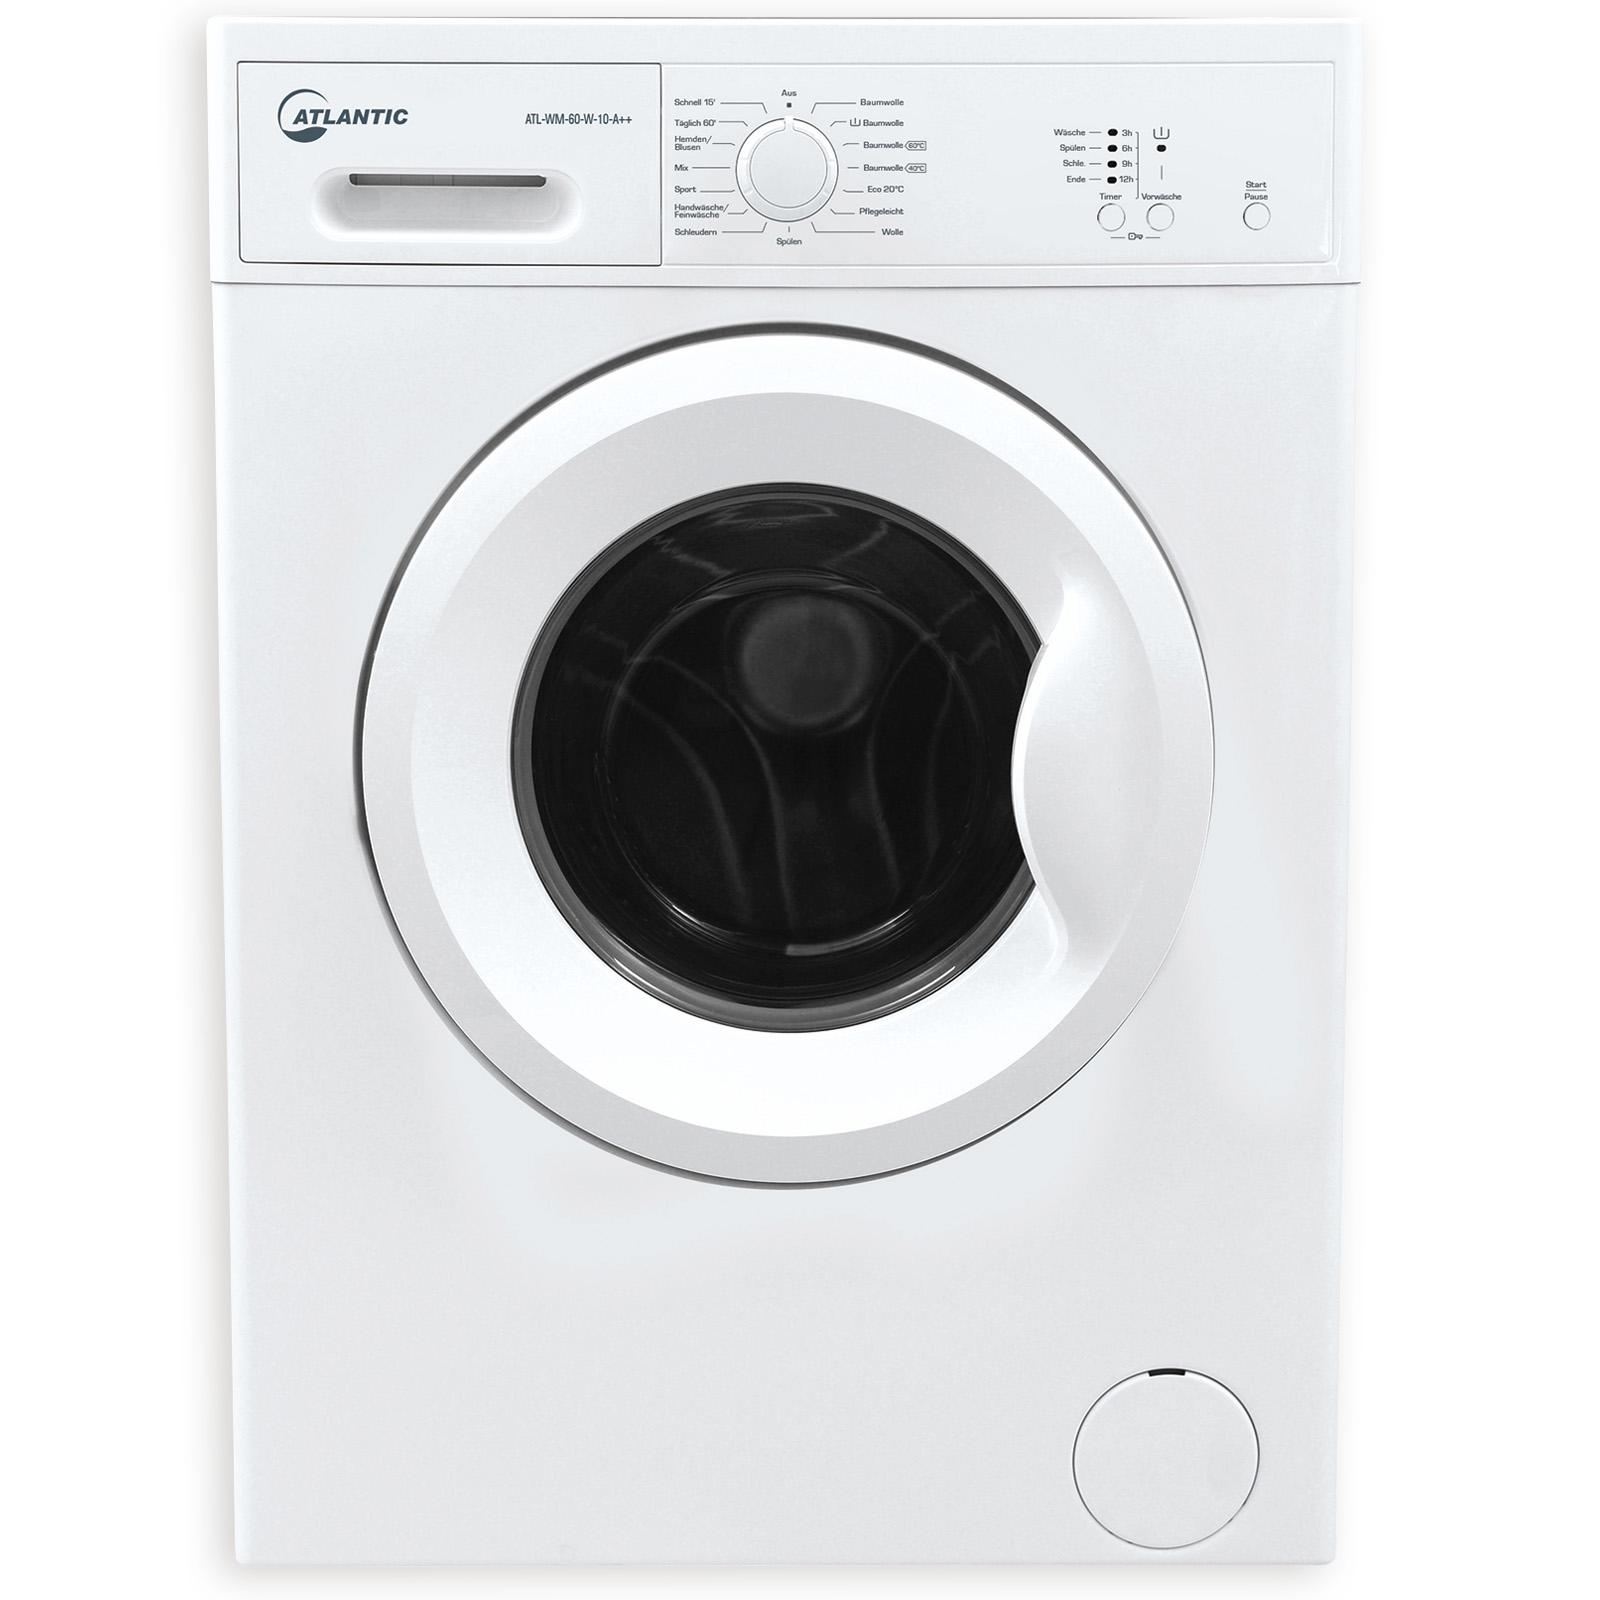 ATLANTIC Waschmaschine ATL-WM-60-W-10-A++ - weiß - A++